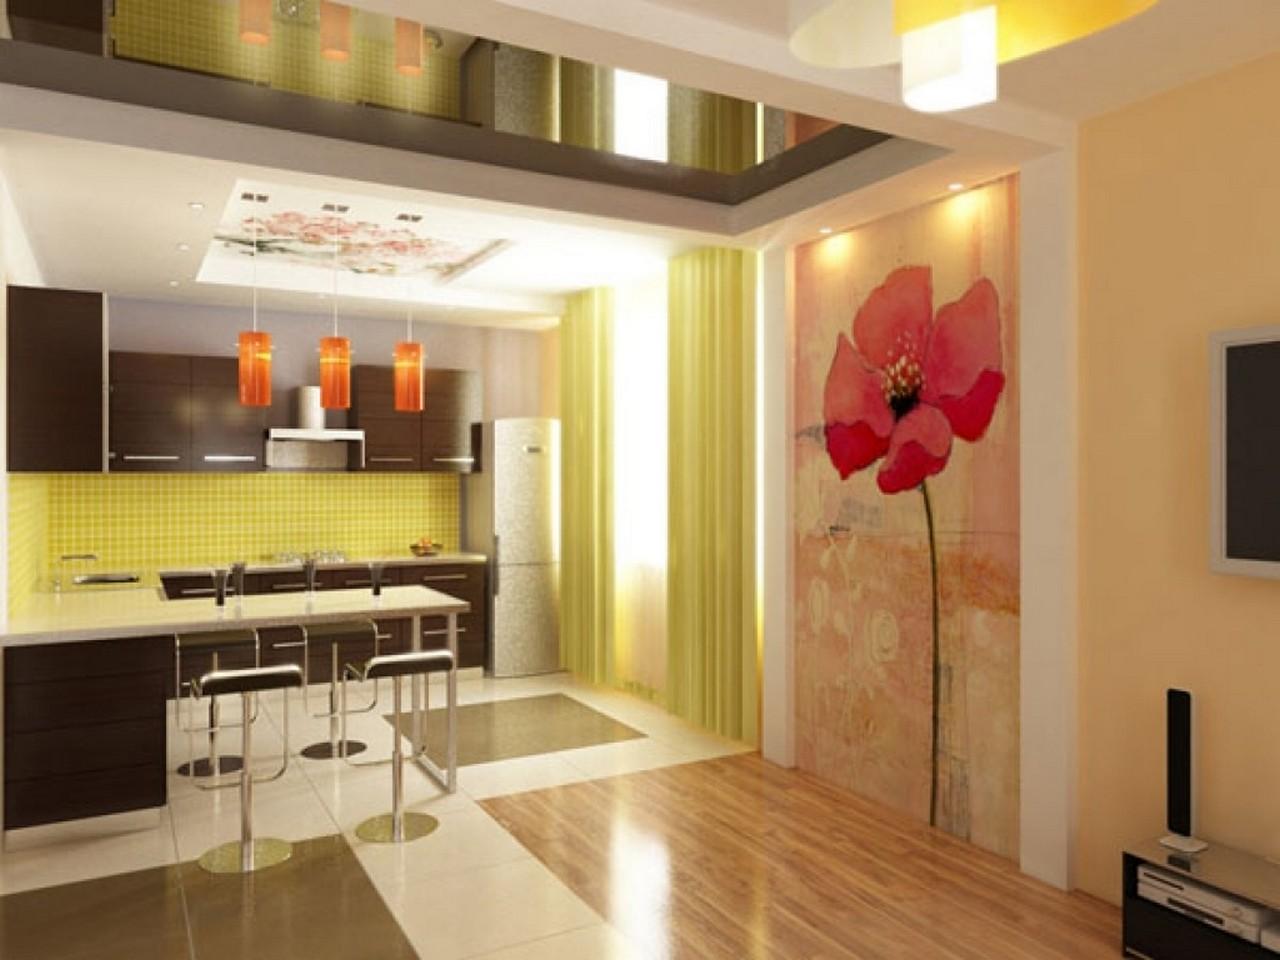 Дизайн кухни 13 квм с барной стойкой и диваном